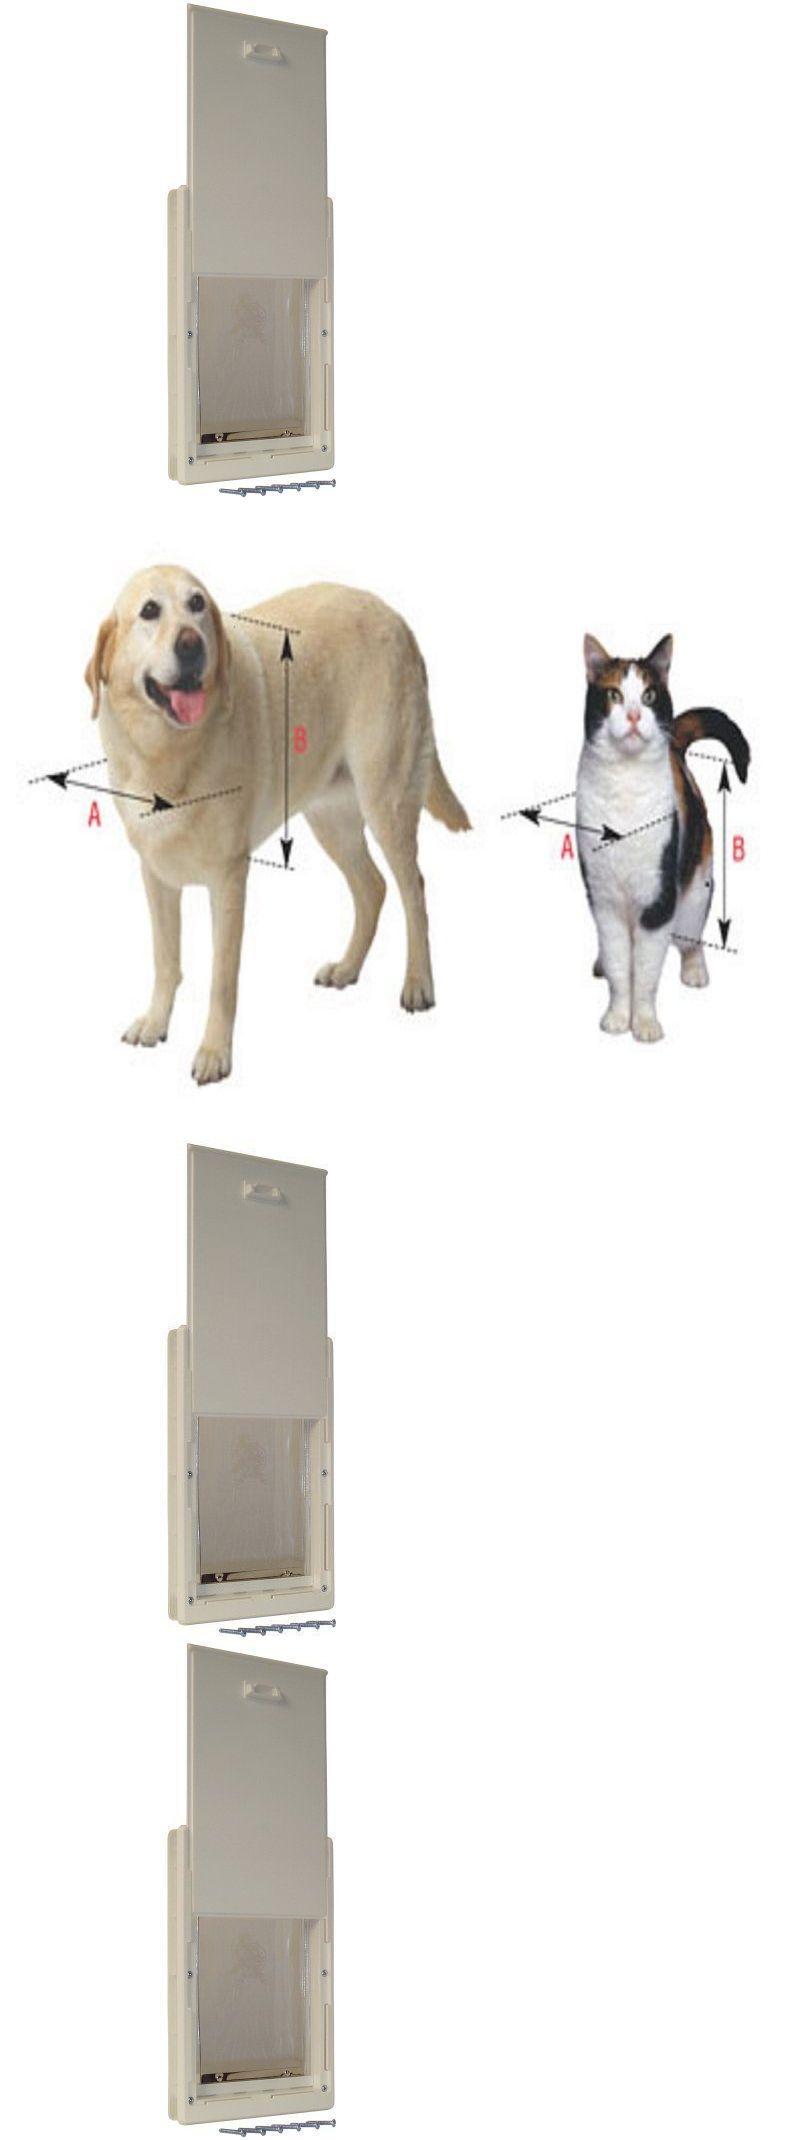 Doors And Flaps 116379 Dog Door Pet Cat Flap Medium Telescoping